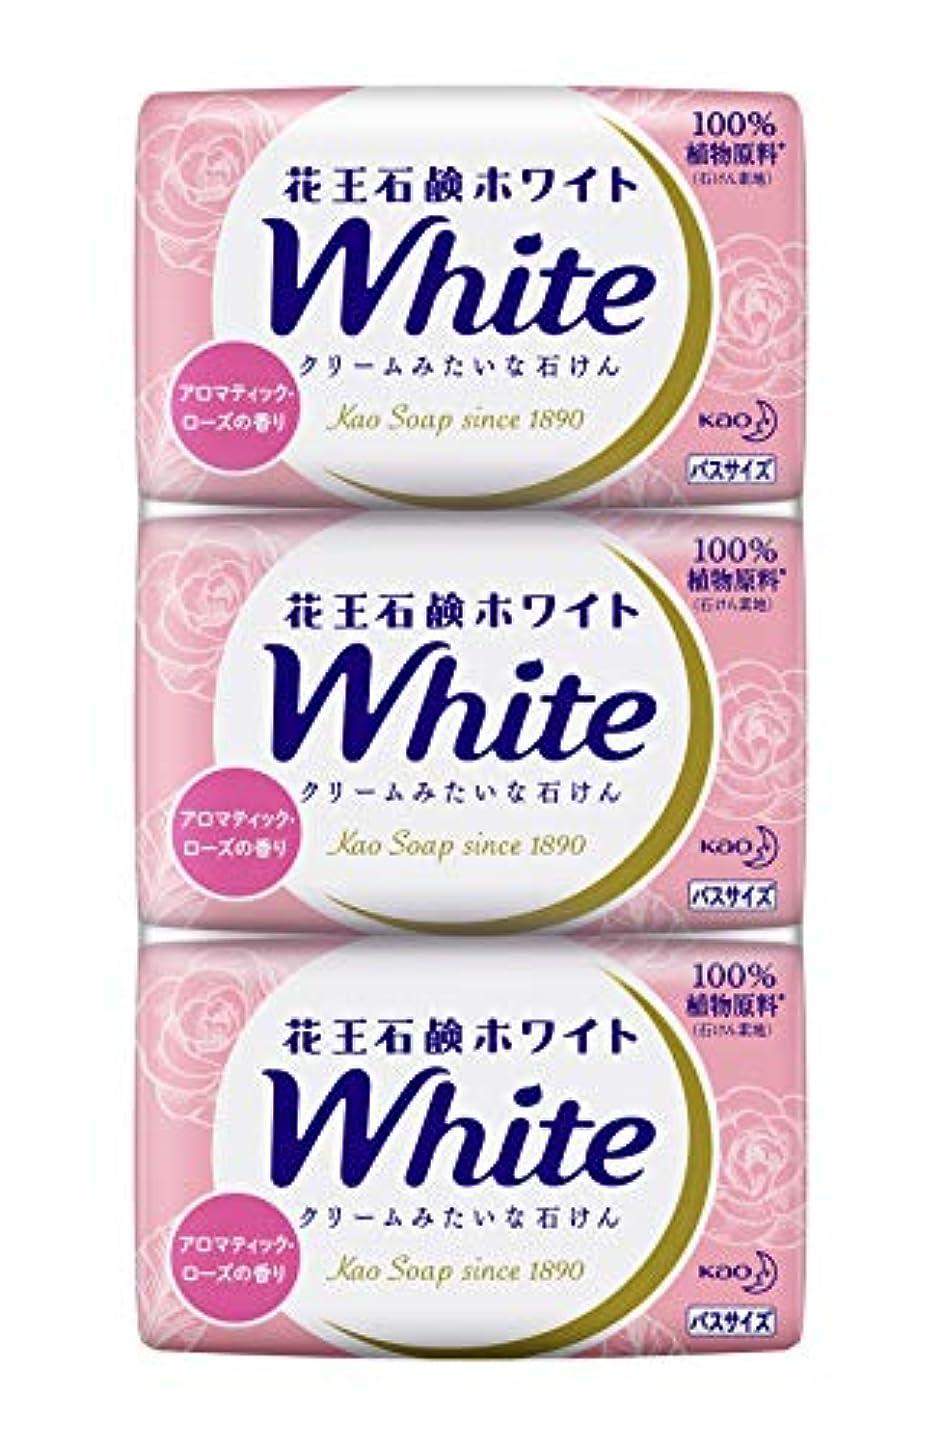 背景なめる野菜花王ホワイト アロマティックローズの香り バスサイズ 3コパック